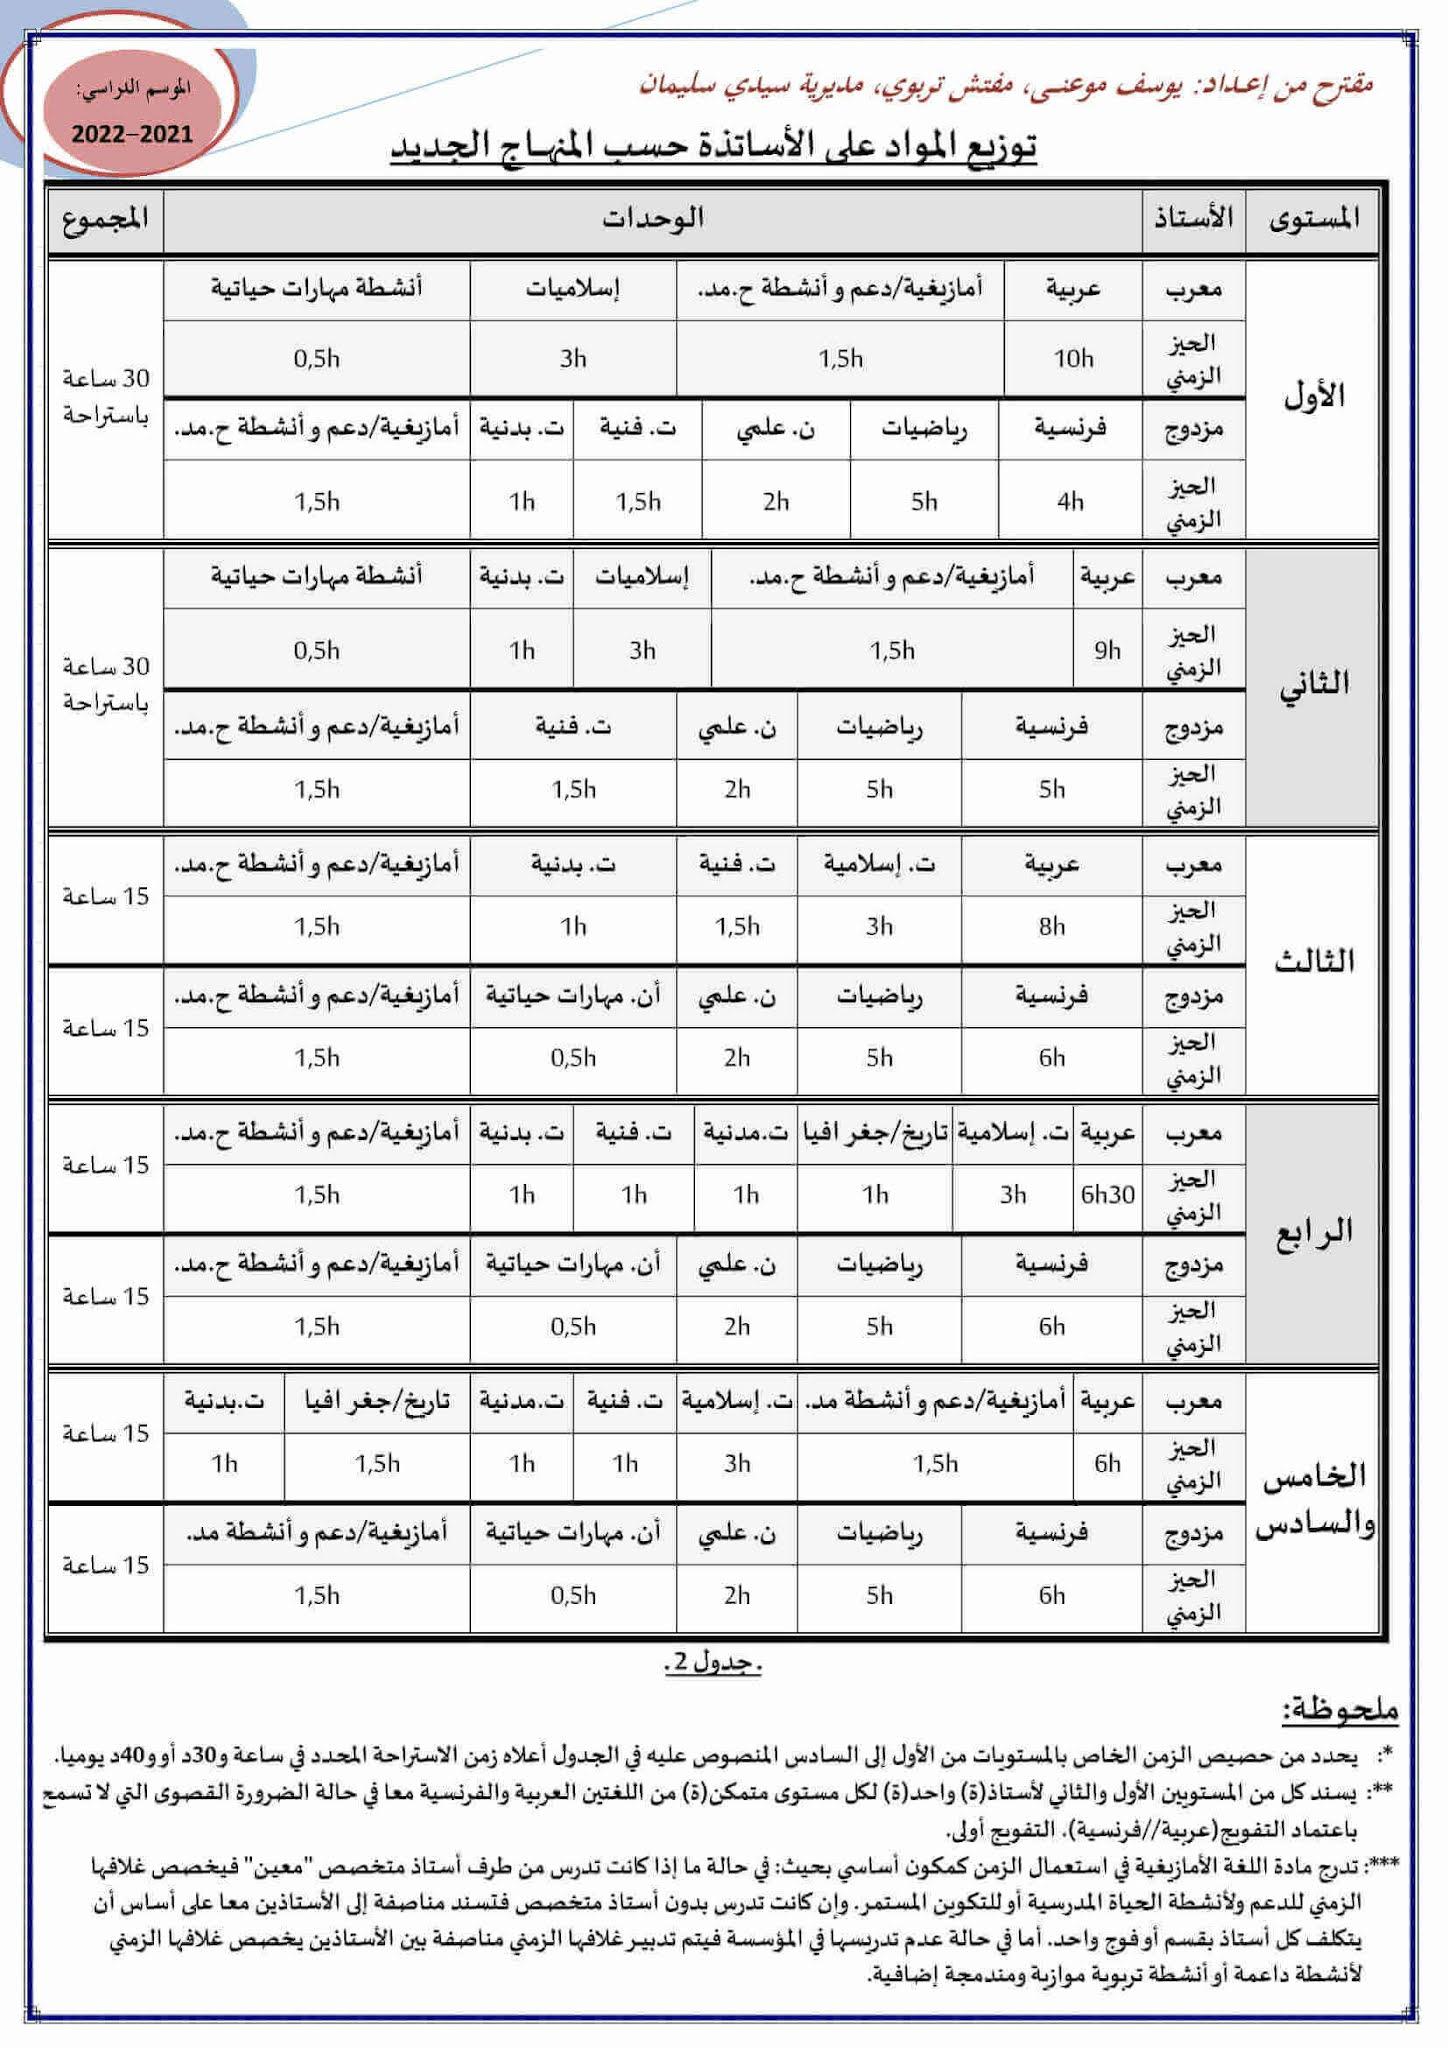 توزيع المواد على الأساتذة حسب المنهاج الجديد